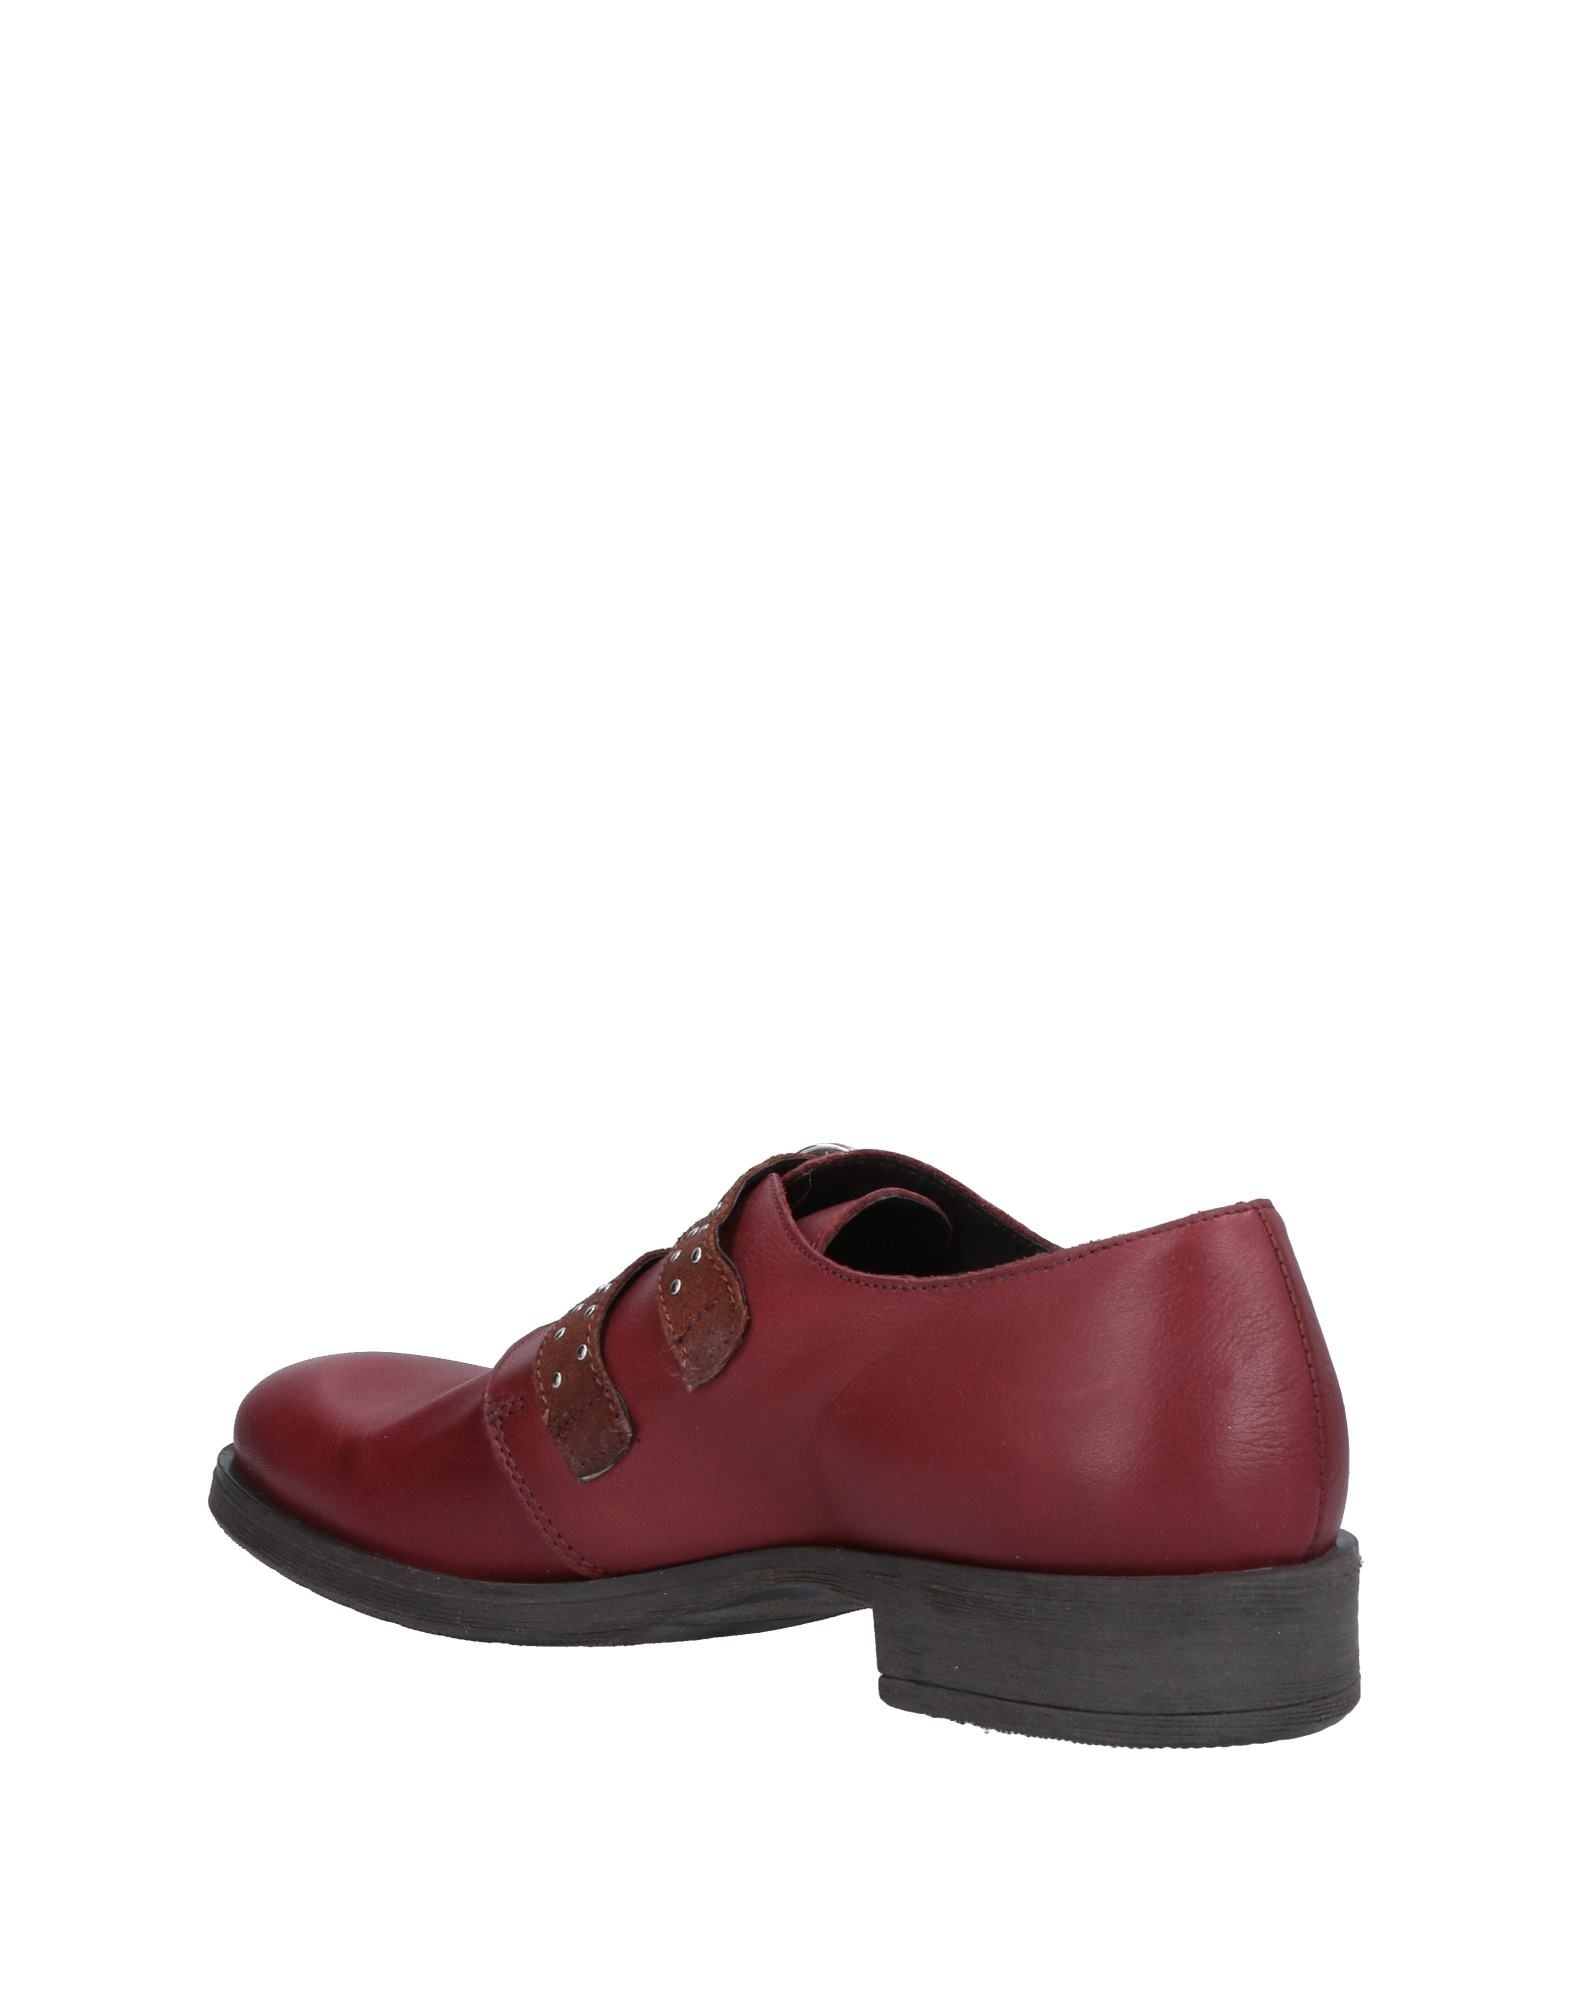 Piampiani Mokassins Damen  11491269SJ Gute Qualität beliebte Schuhe